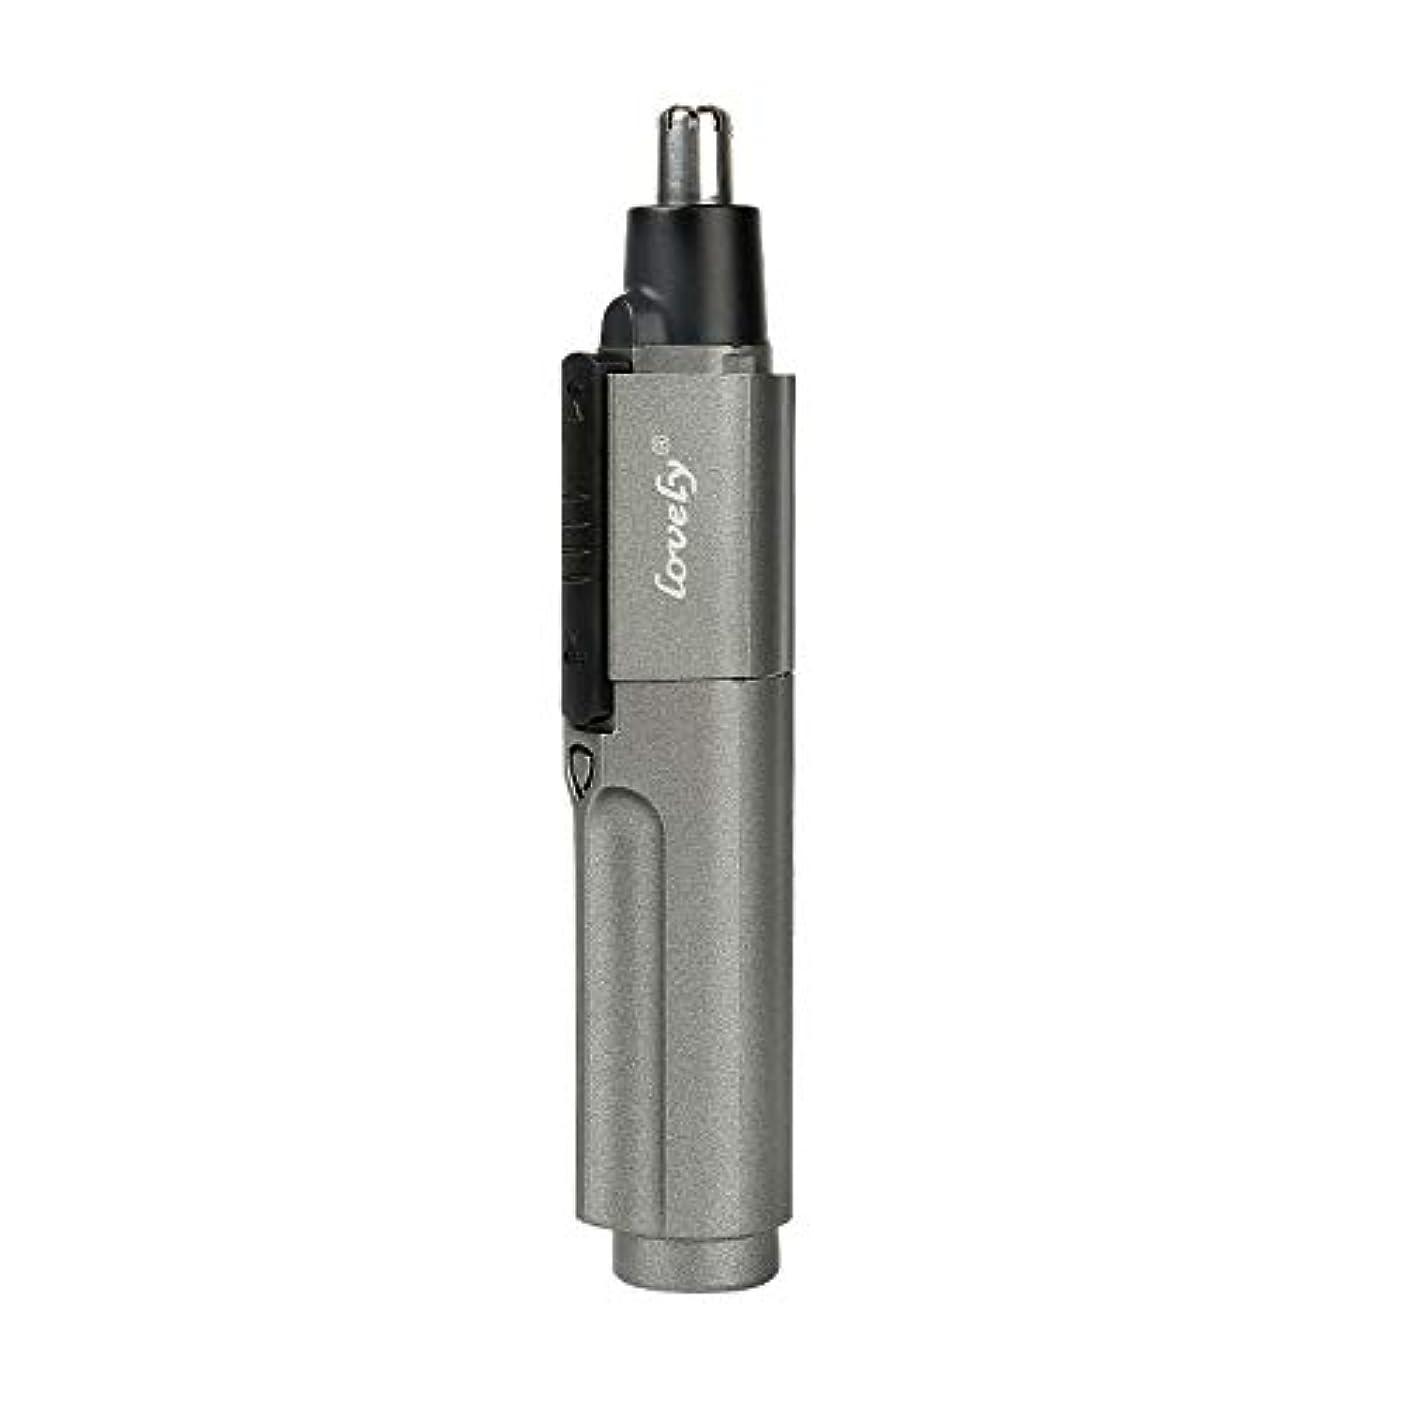 エンジニア無人引き渡す鼻毛カッター鼻毛トリマー環境にやさしい腹筋材料三次元アーチカッターヘッド乾電池のデザインは、男性と女性に適した適切なスイッチを発売